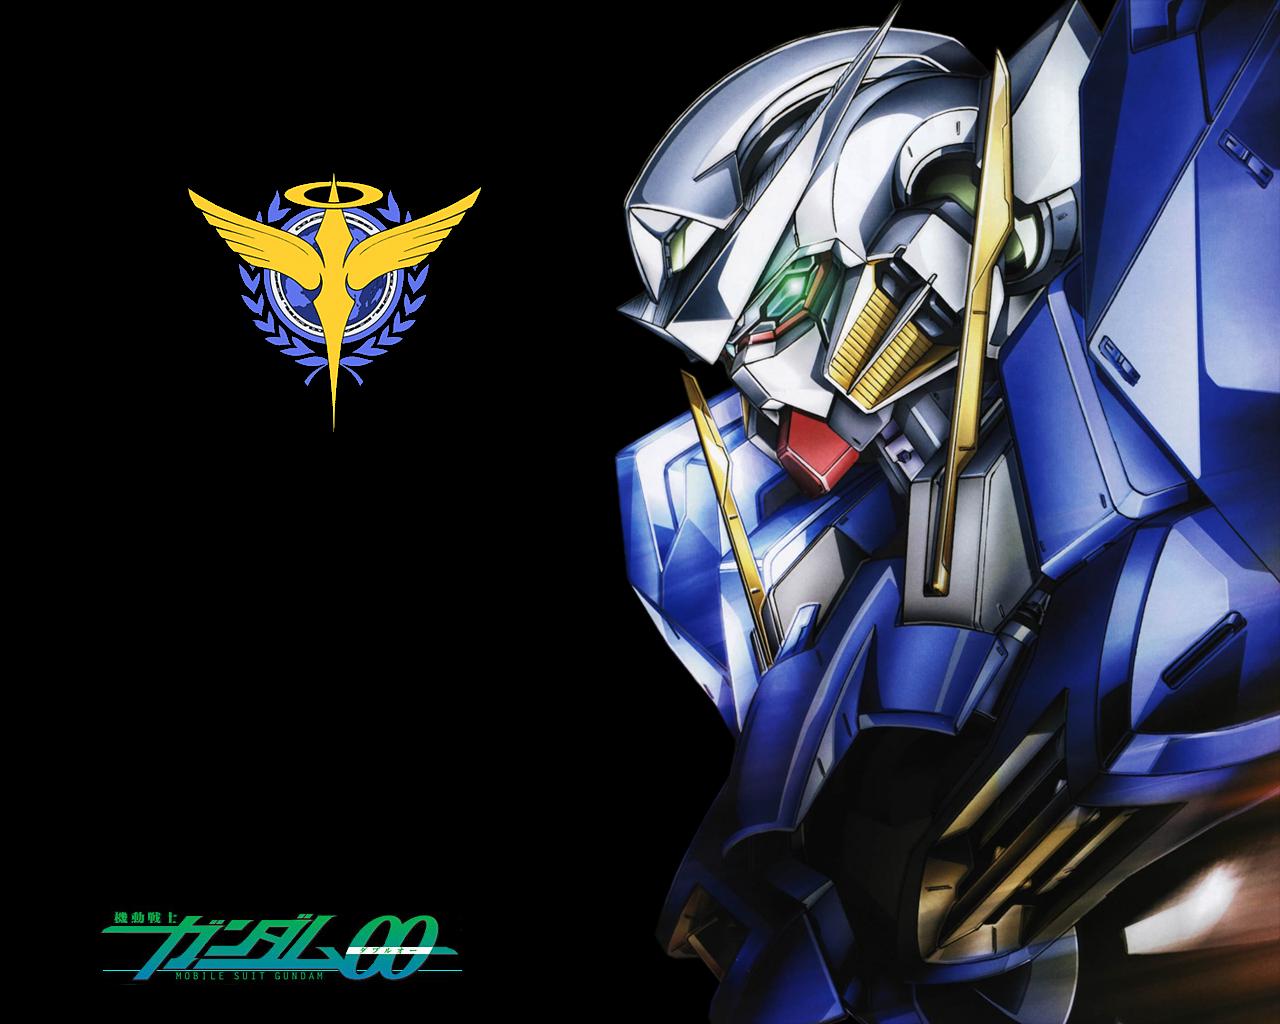 Gundam Exia Wallpaper Gundam 00 exia by sieghart66 1280x1024